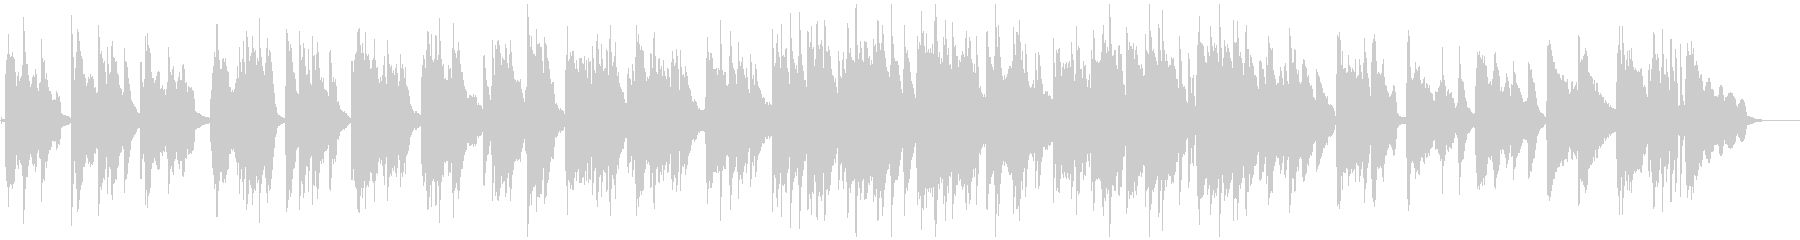 ピアノが美しいジャズボサノバBGMの未再生の波形